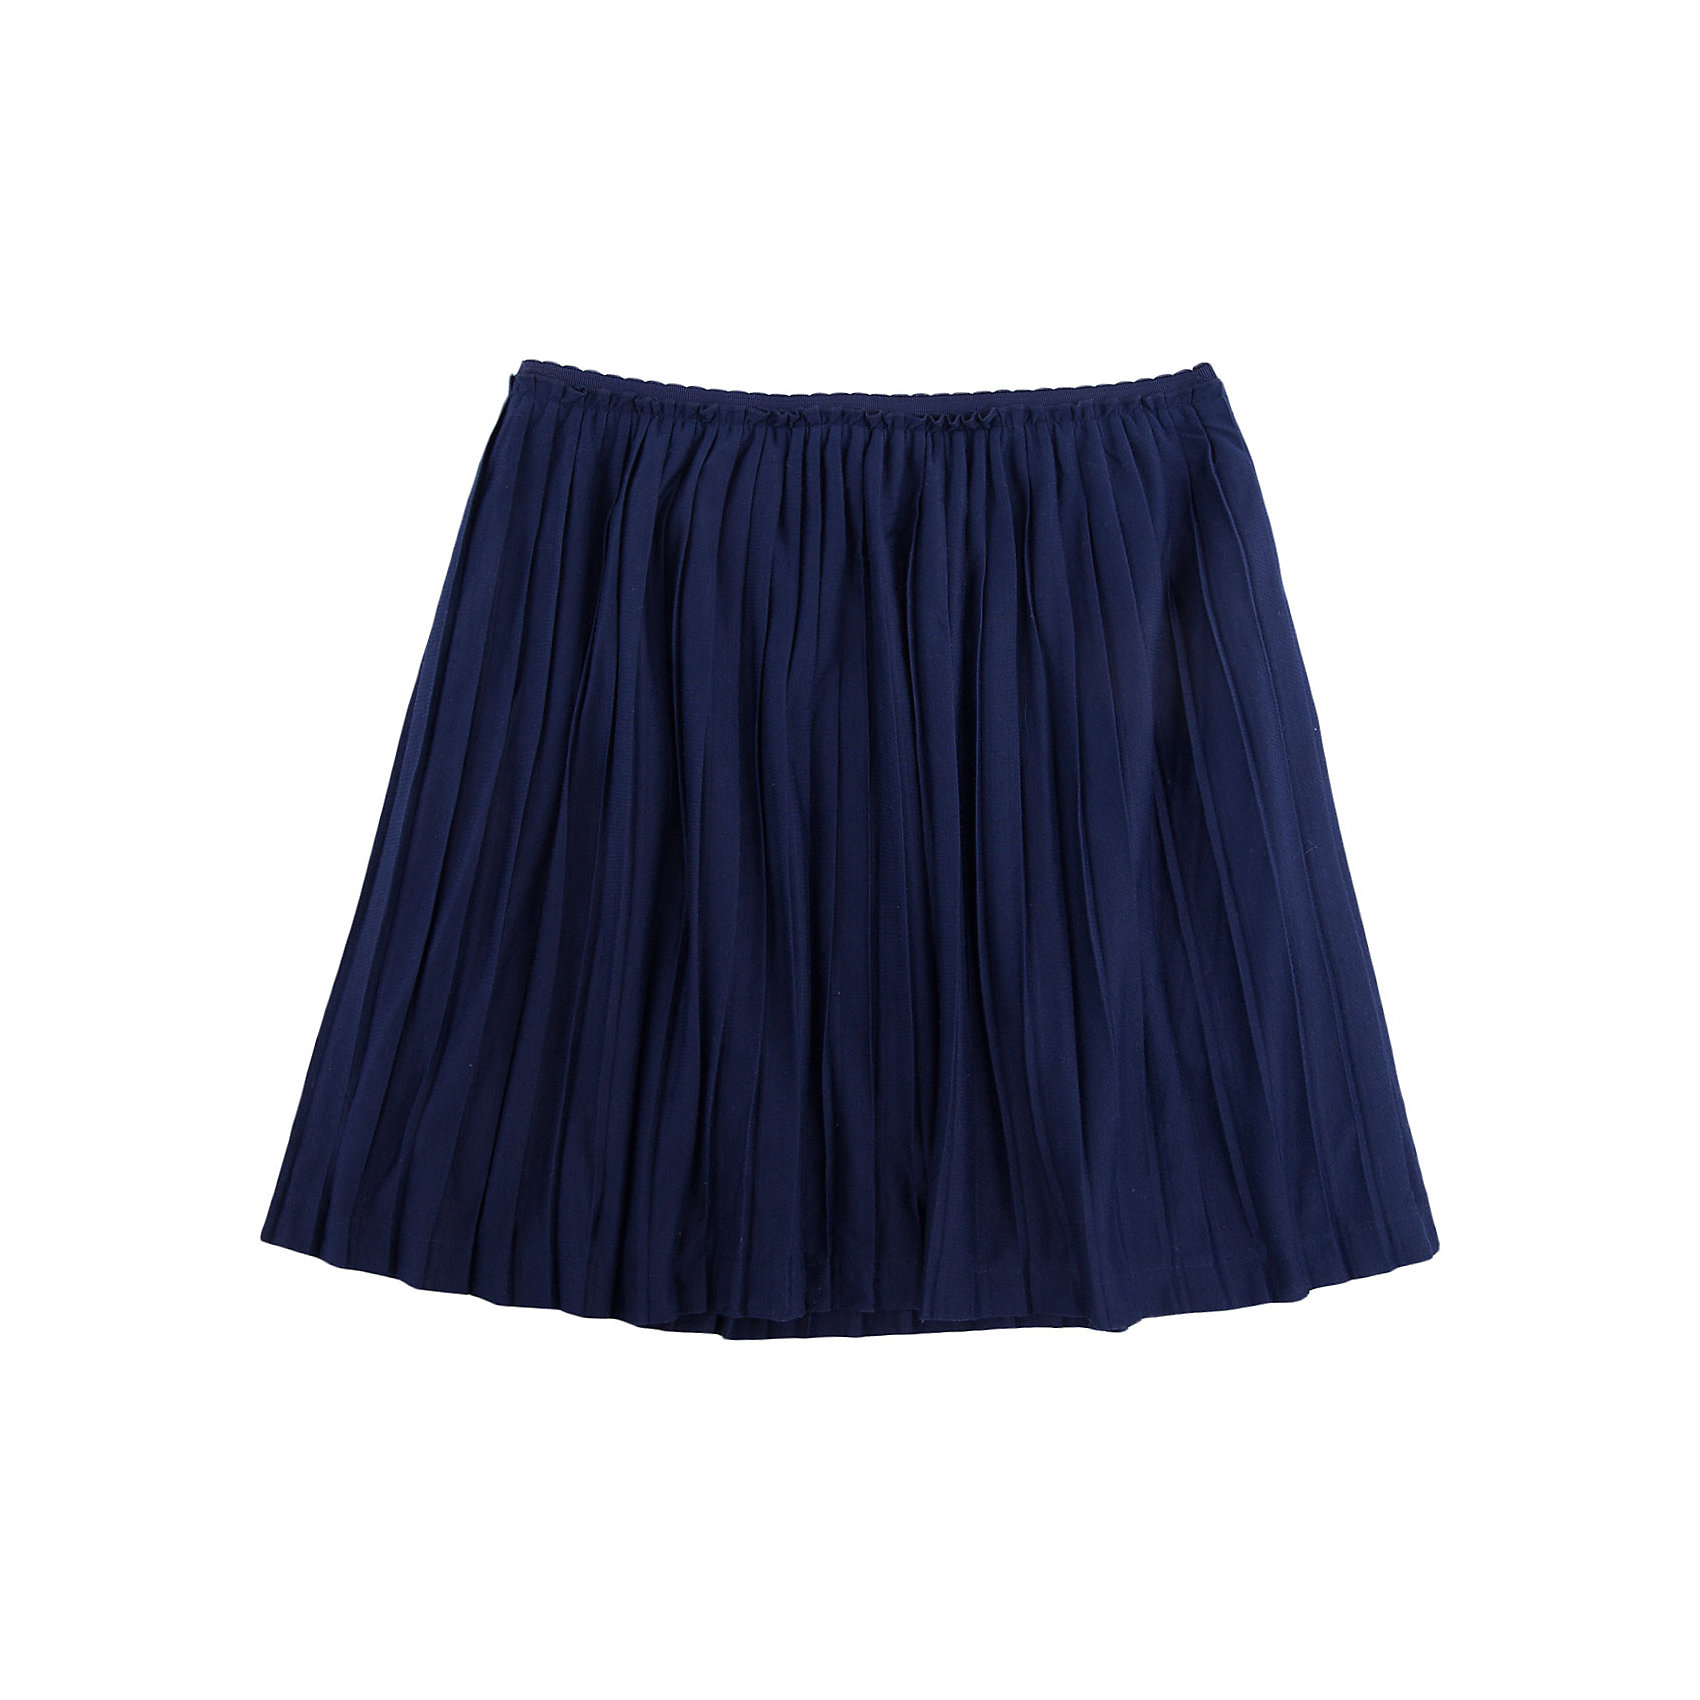 Юбка для девочки ScoolЮбки<br>Юбка для девочки от известного бренда Scool<br>Состав:<br>100% полиэстер<br>Легкая плиссированная юбка из темно-синего трикотажа на подкладке. Пояс на резинке, внутри текстильная подкладка. Хорошо смотрится с любыми блузками и футболками.<br><br>Ширина мм: 207<br>Глубина мм: 10<br>Высота мм: 189<br>Вес г: 183<br>Цвет: полуночно-синий<br>Возраст от месяцев: 72<br>Возраст до месяцев: 84<br>Пол: Женский<br>Возраст: Детский<br>Размер: 122,128,134,140,146,152,158,164<br>SKU: 4687056